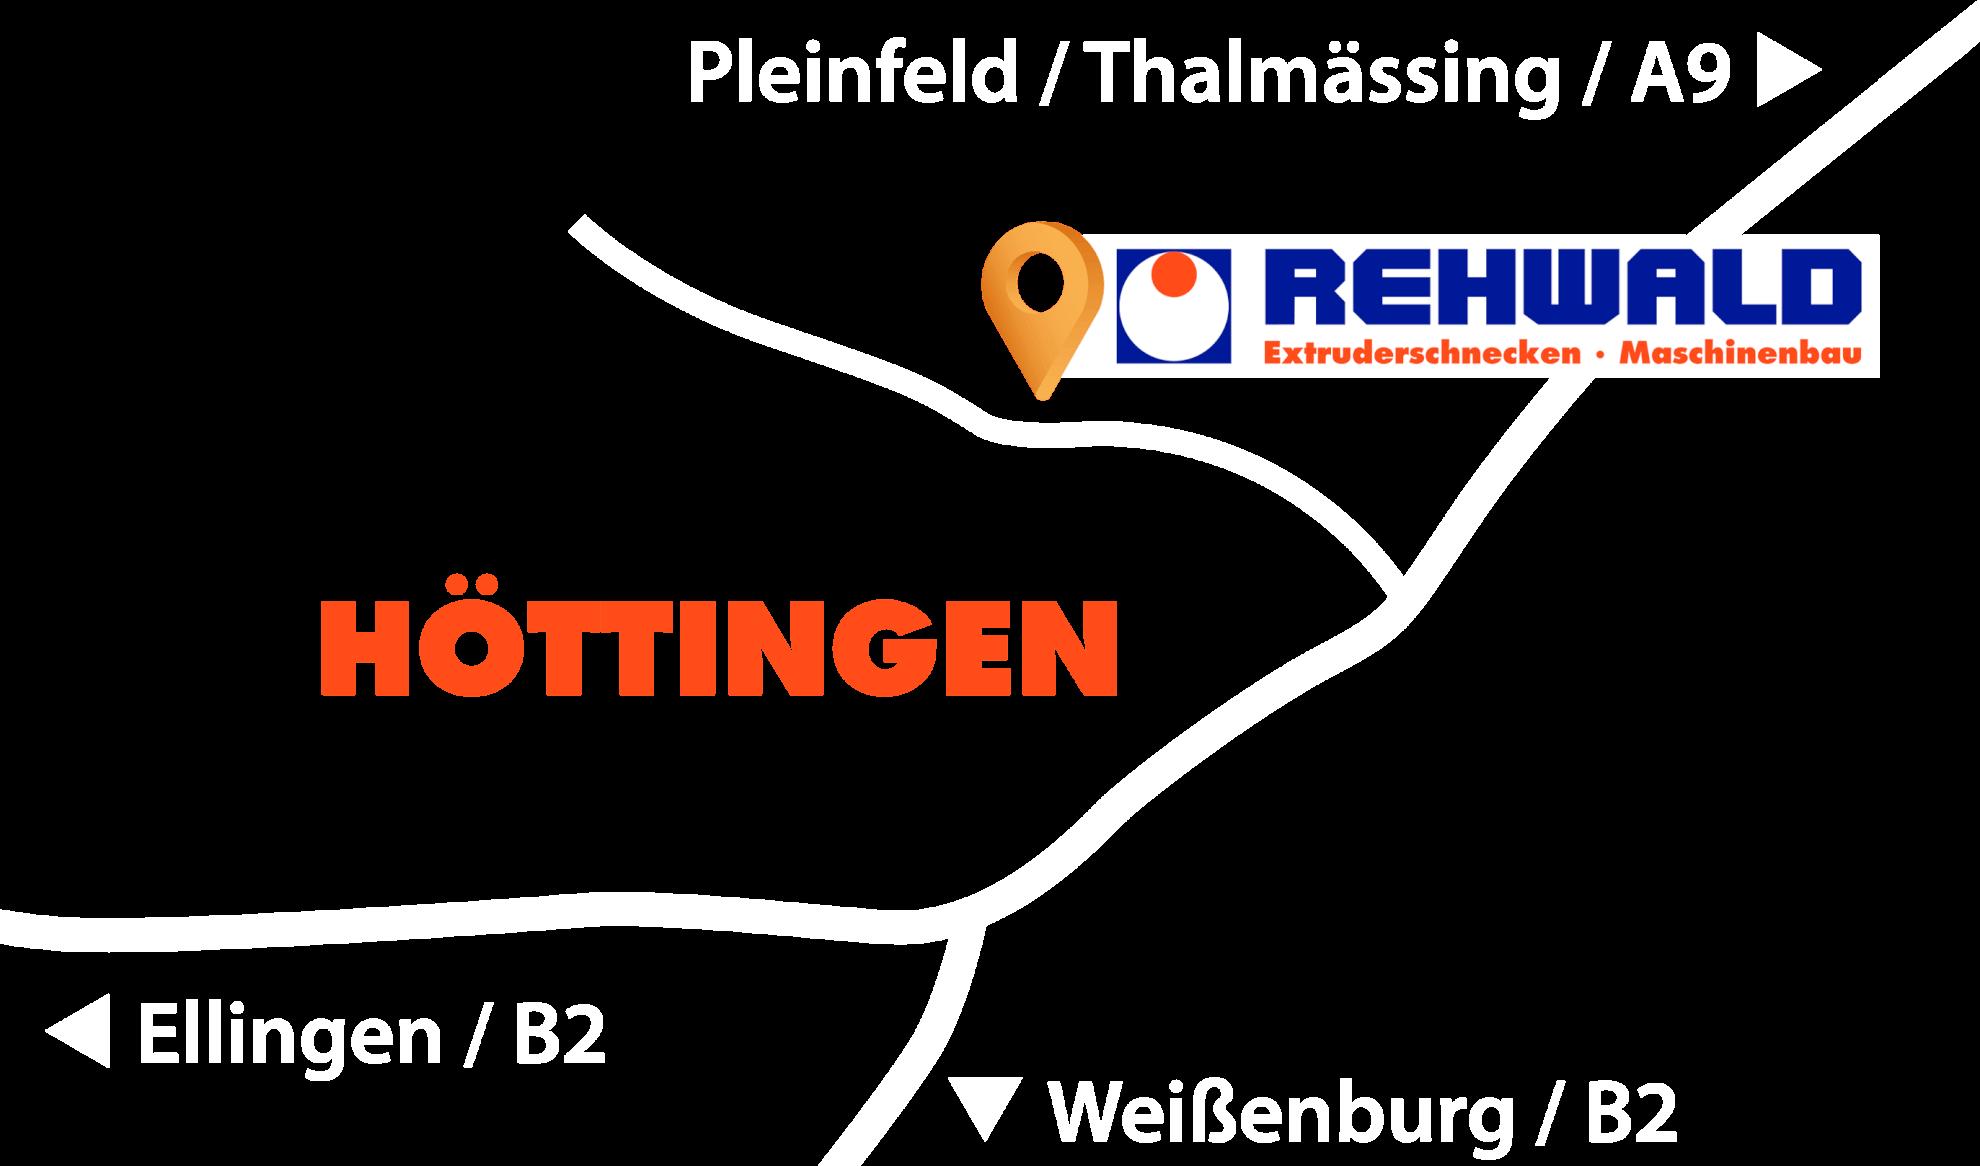 Rehwald GmbH aus Höttingen - So finden Sie uns